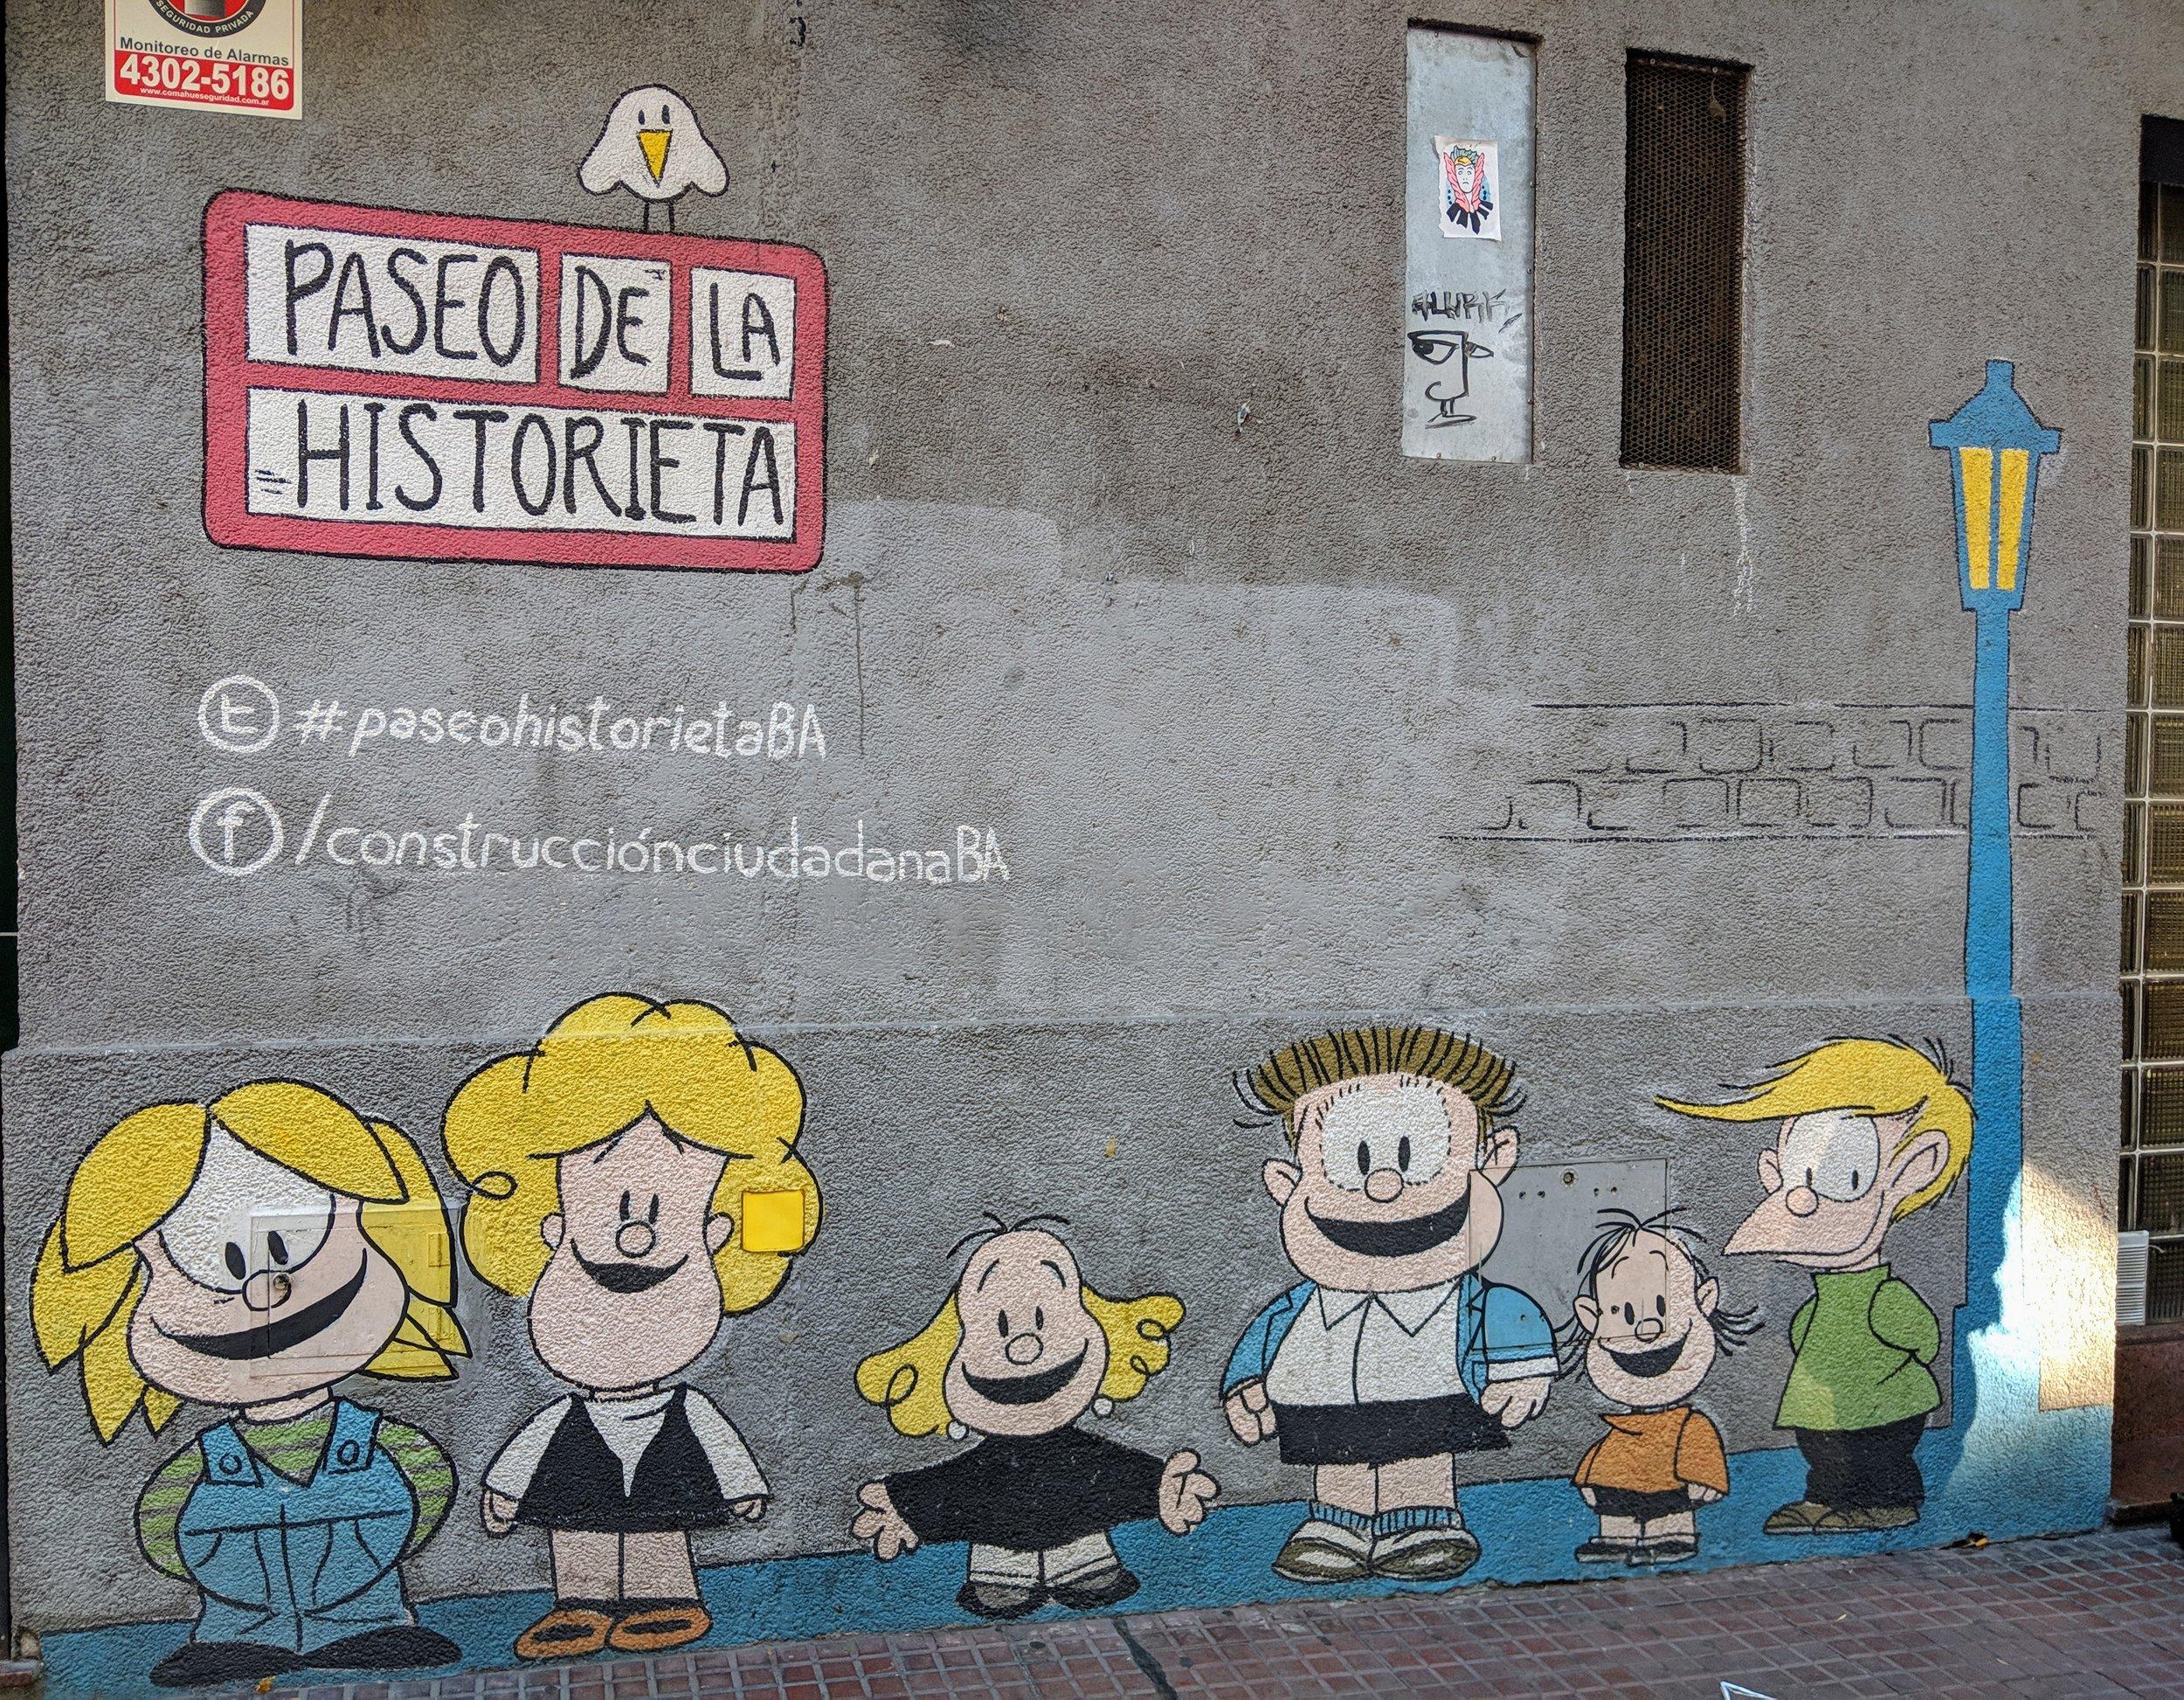 Mafalda statue in  San Telmo, Buenos Aires